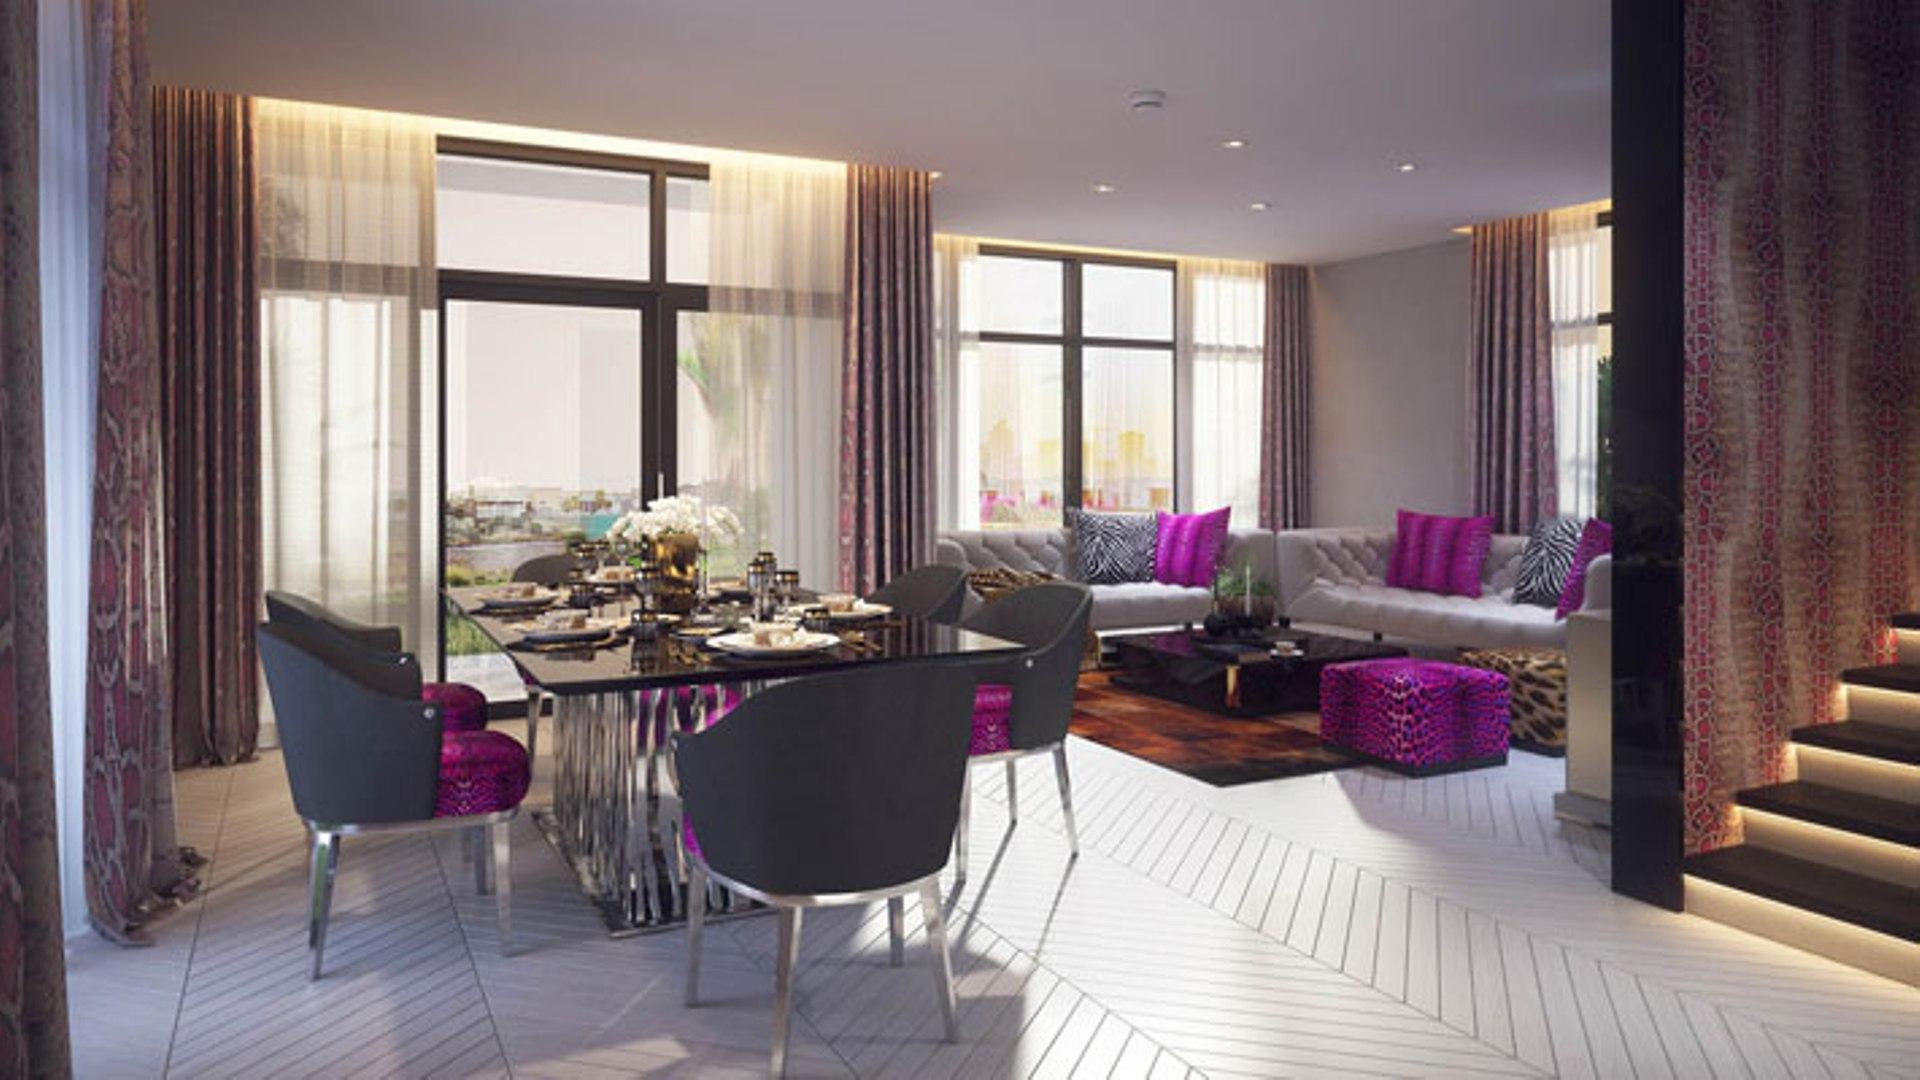 Villa en venta en Dubai, EAU, 3 dormitorios, 170 m2, № 24496 – foto 1